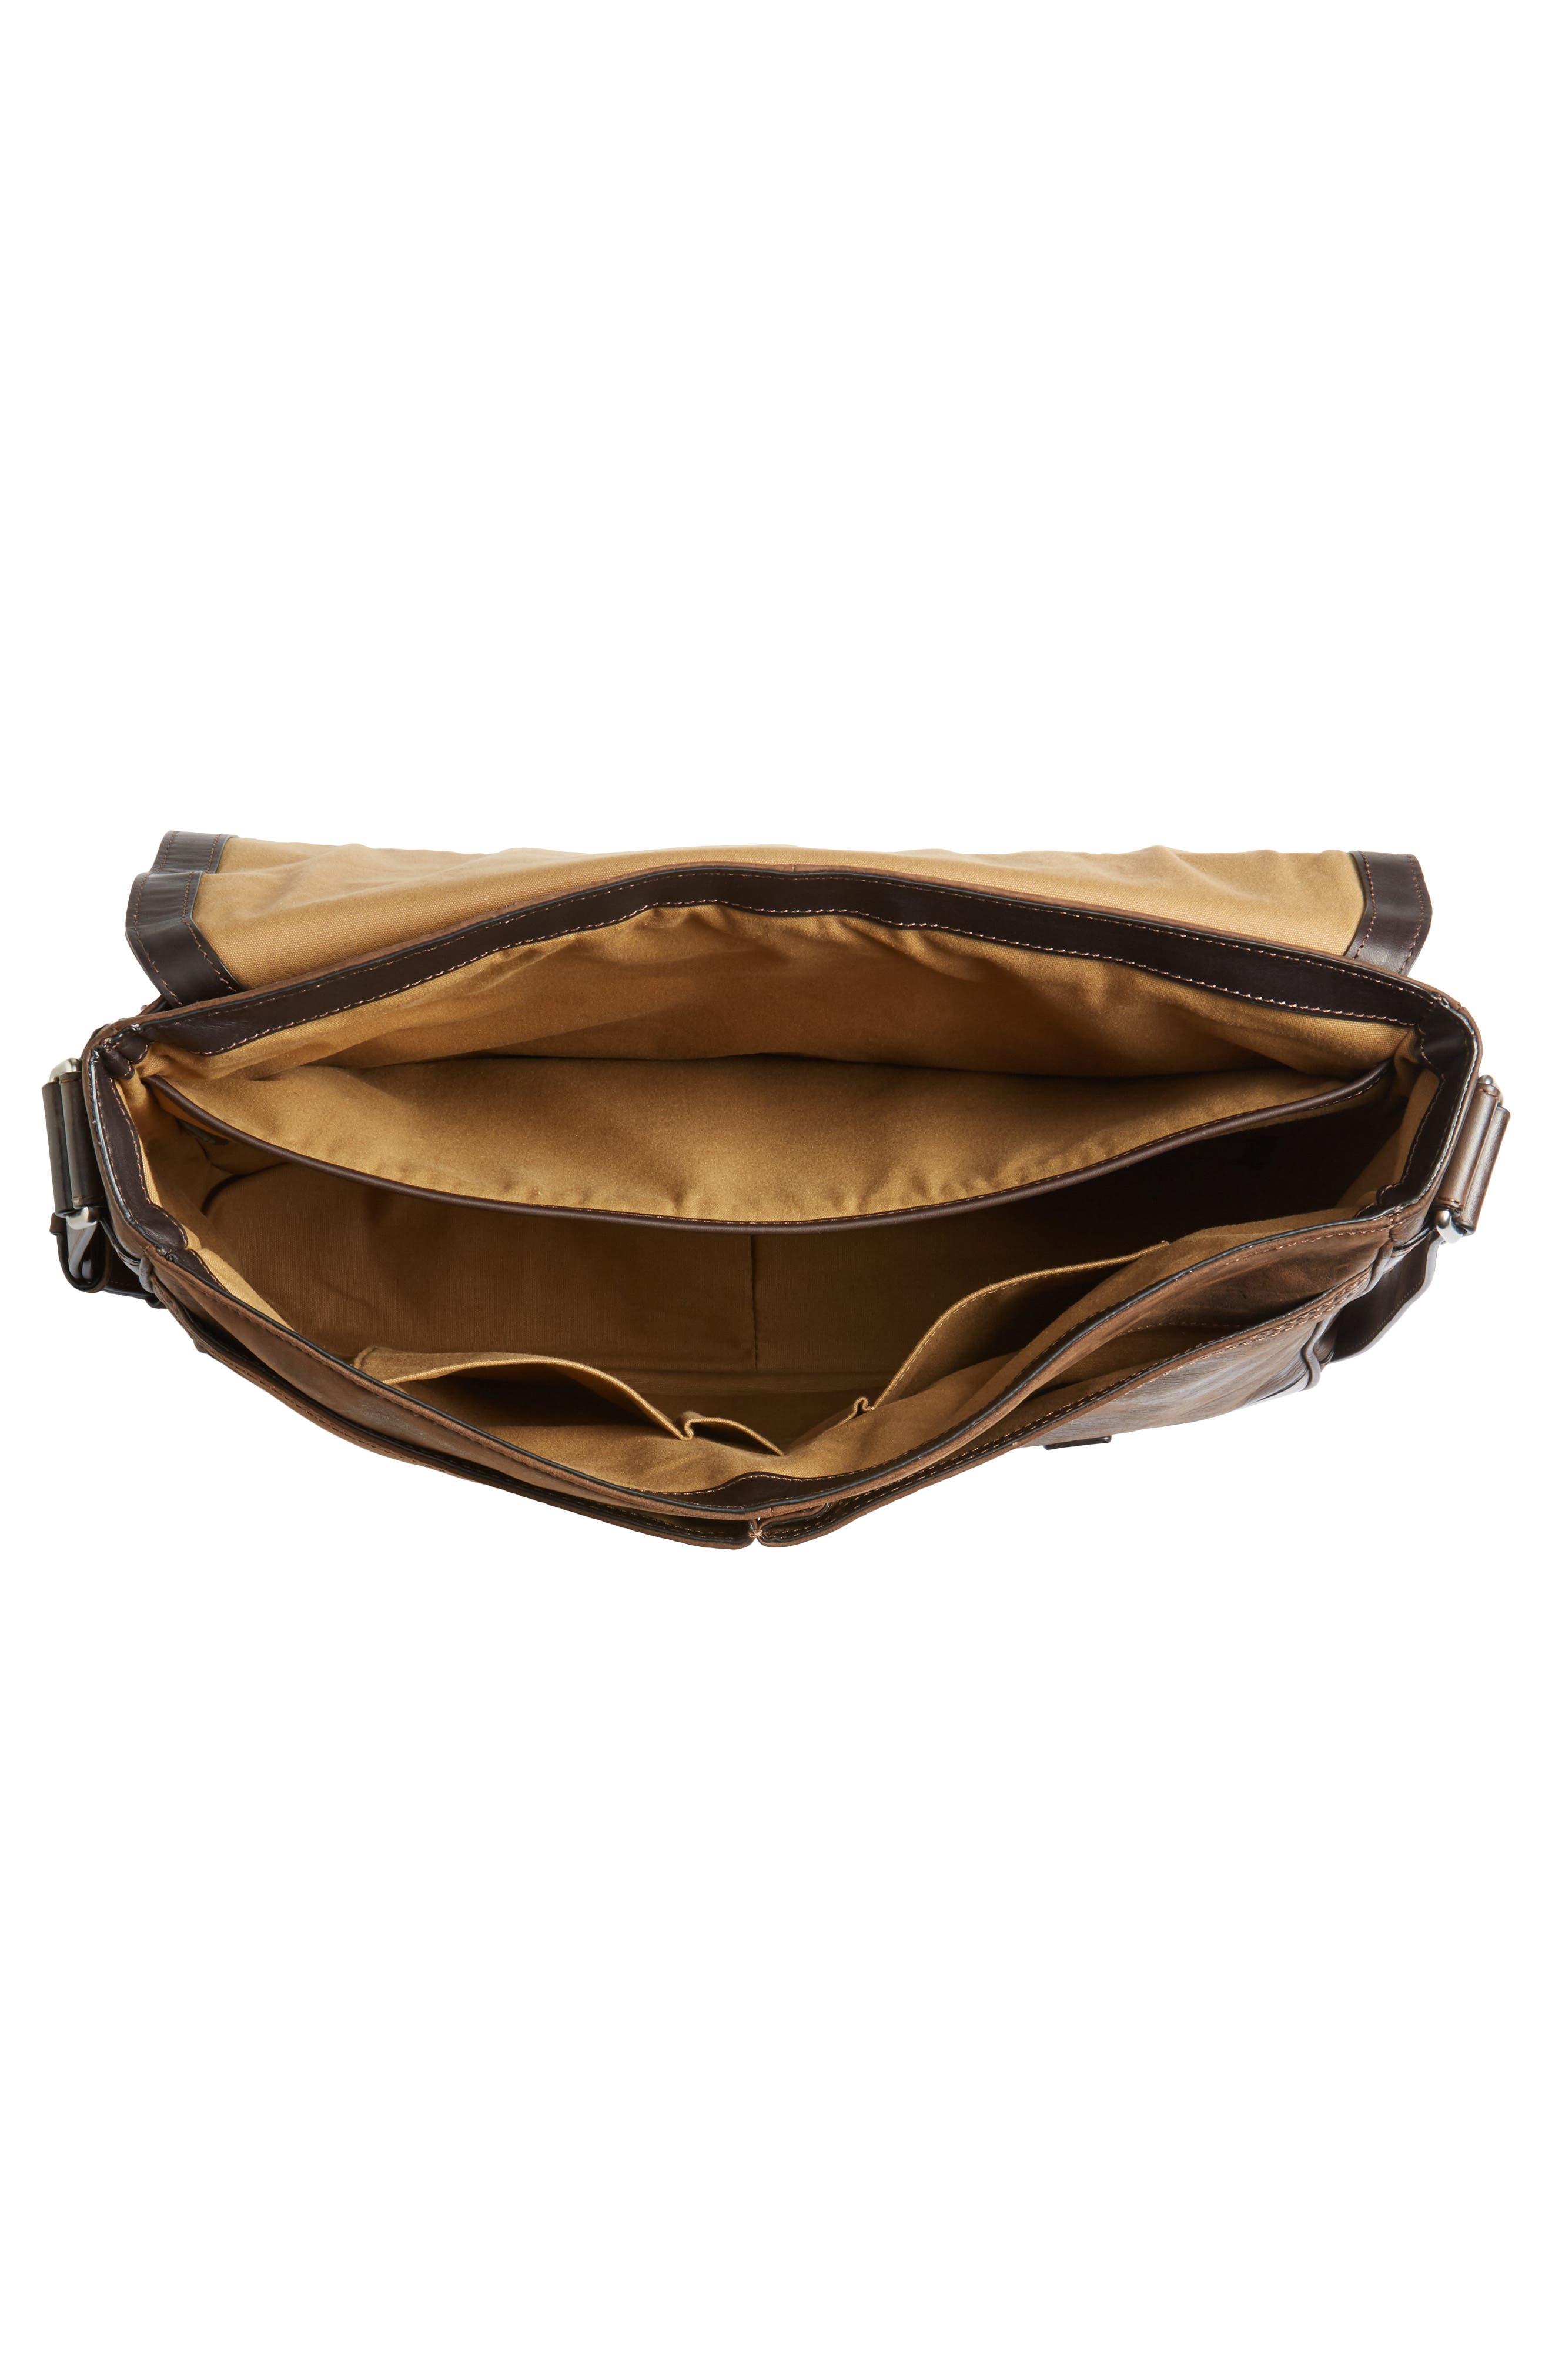 Oliver Leather Messenger Bag,                             Alternate thumbnail 4, color,                             Dark Brown